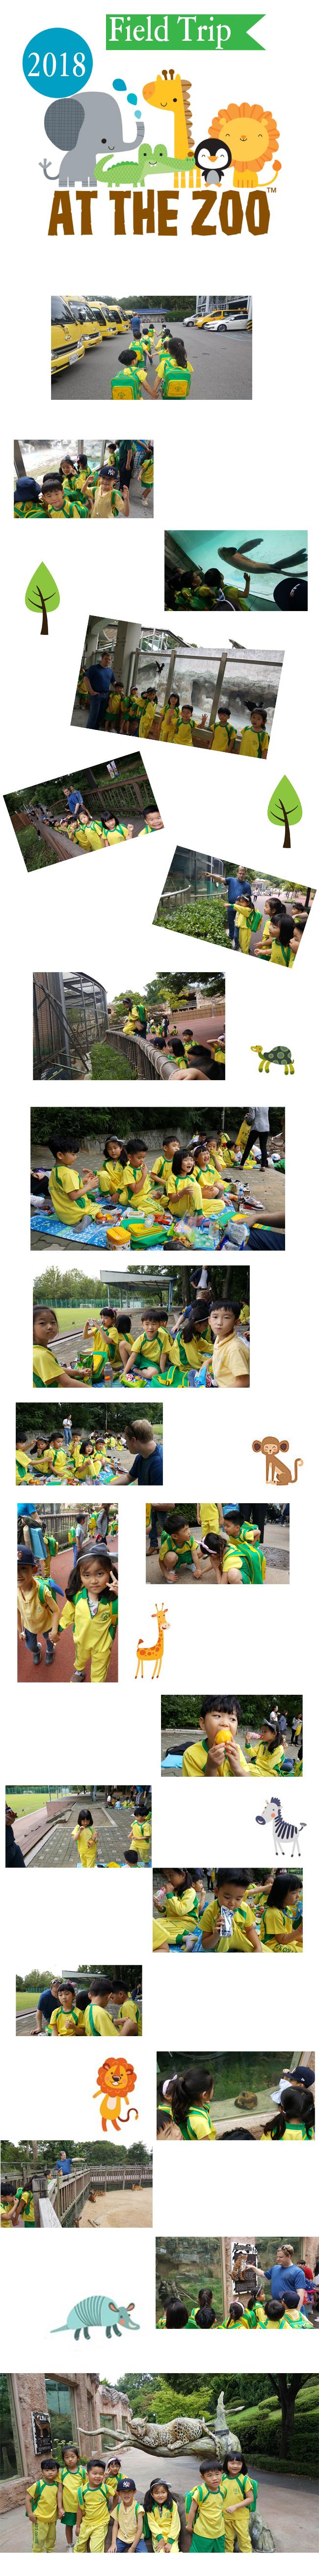 2018_field trip_zoo.jpg